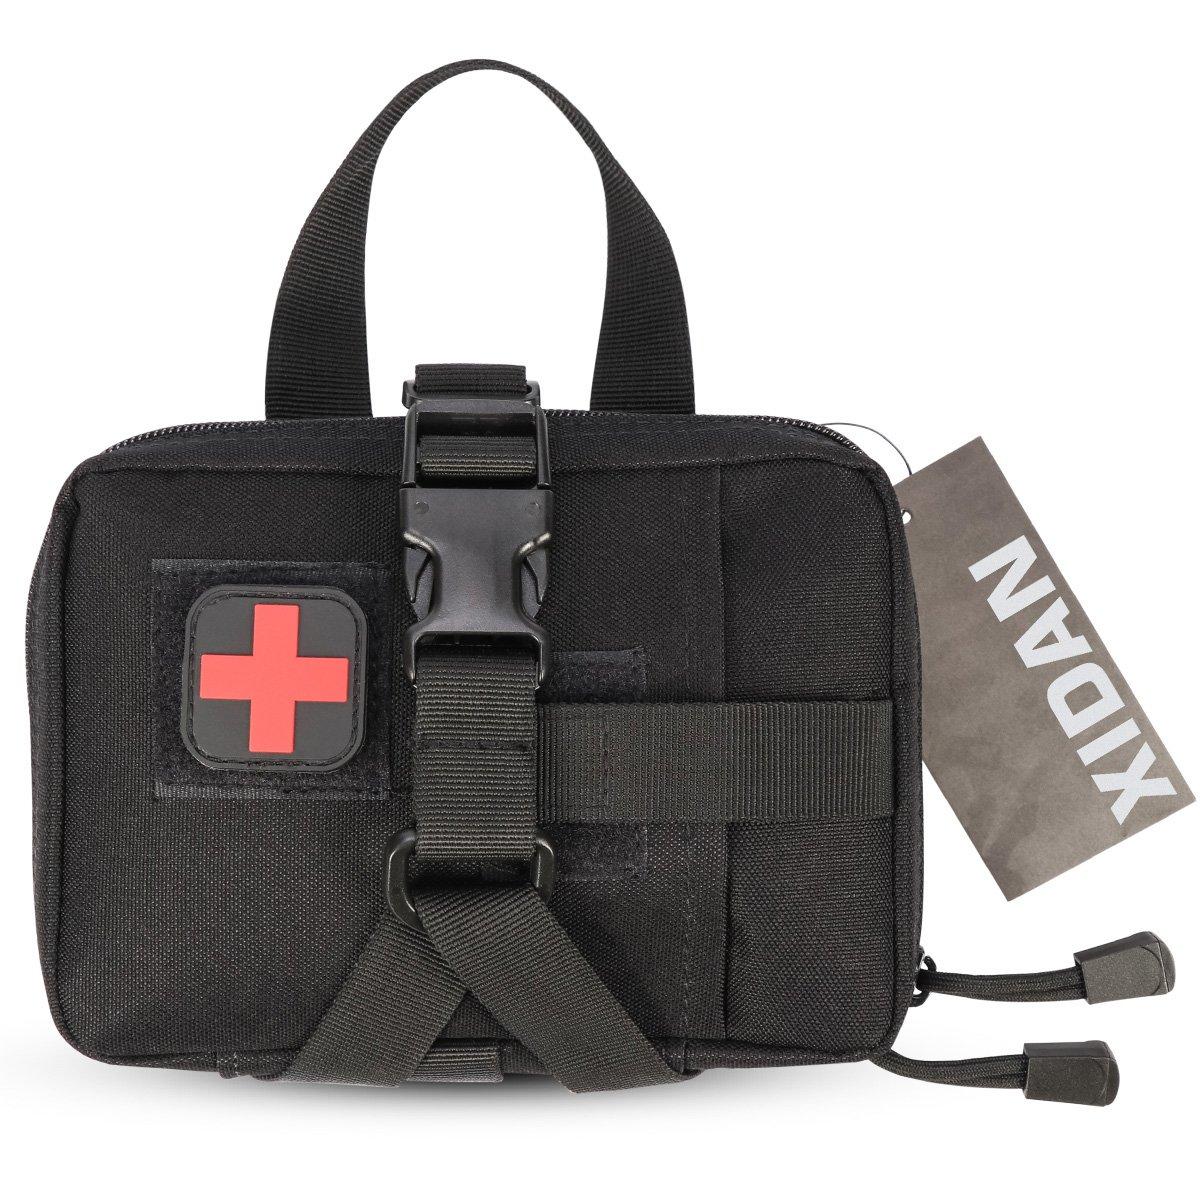 Xidan Bolsillo Medical EMT Desmontable Rá pido, Bolsillo Tá ctico Militar de los Primeros Auxilios, Bolso Utilitario Mé dico de Primeros Auxilios RIP-Away Bolsillo Táctico Militar de los Primeros Auxilios